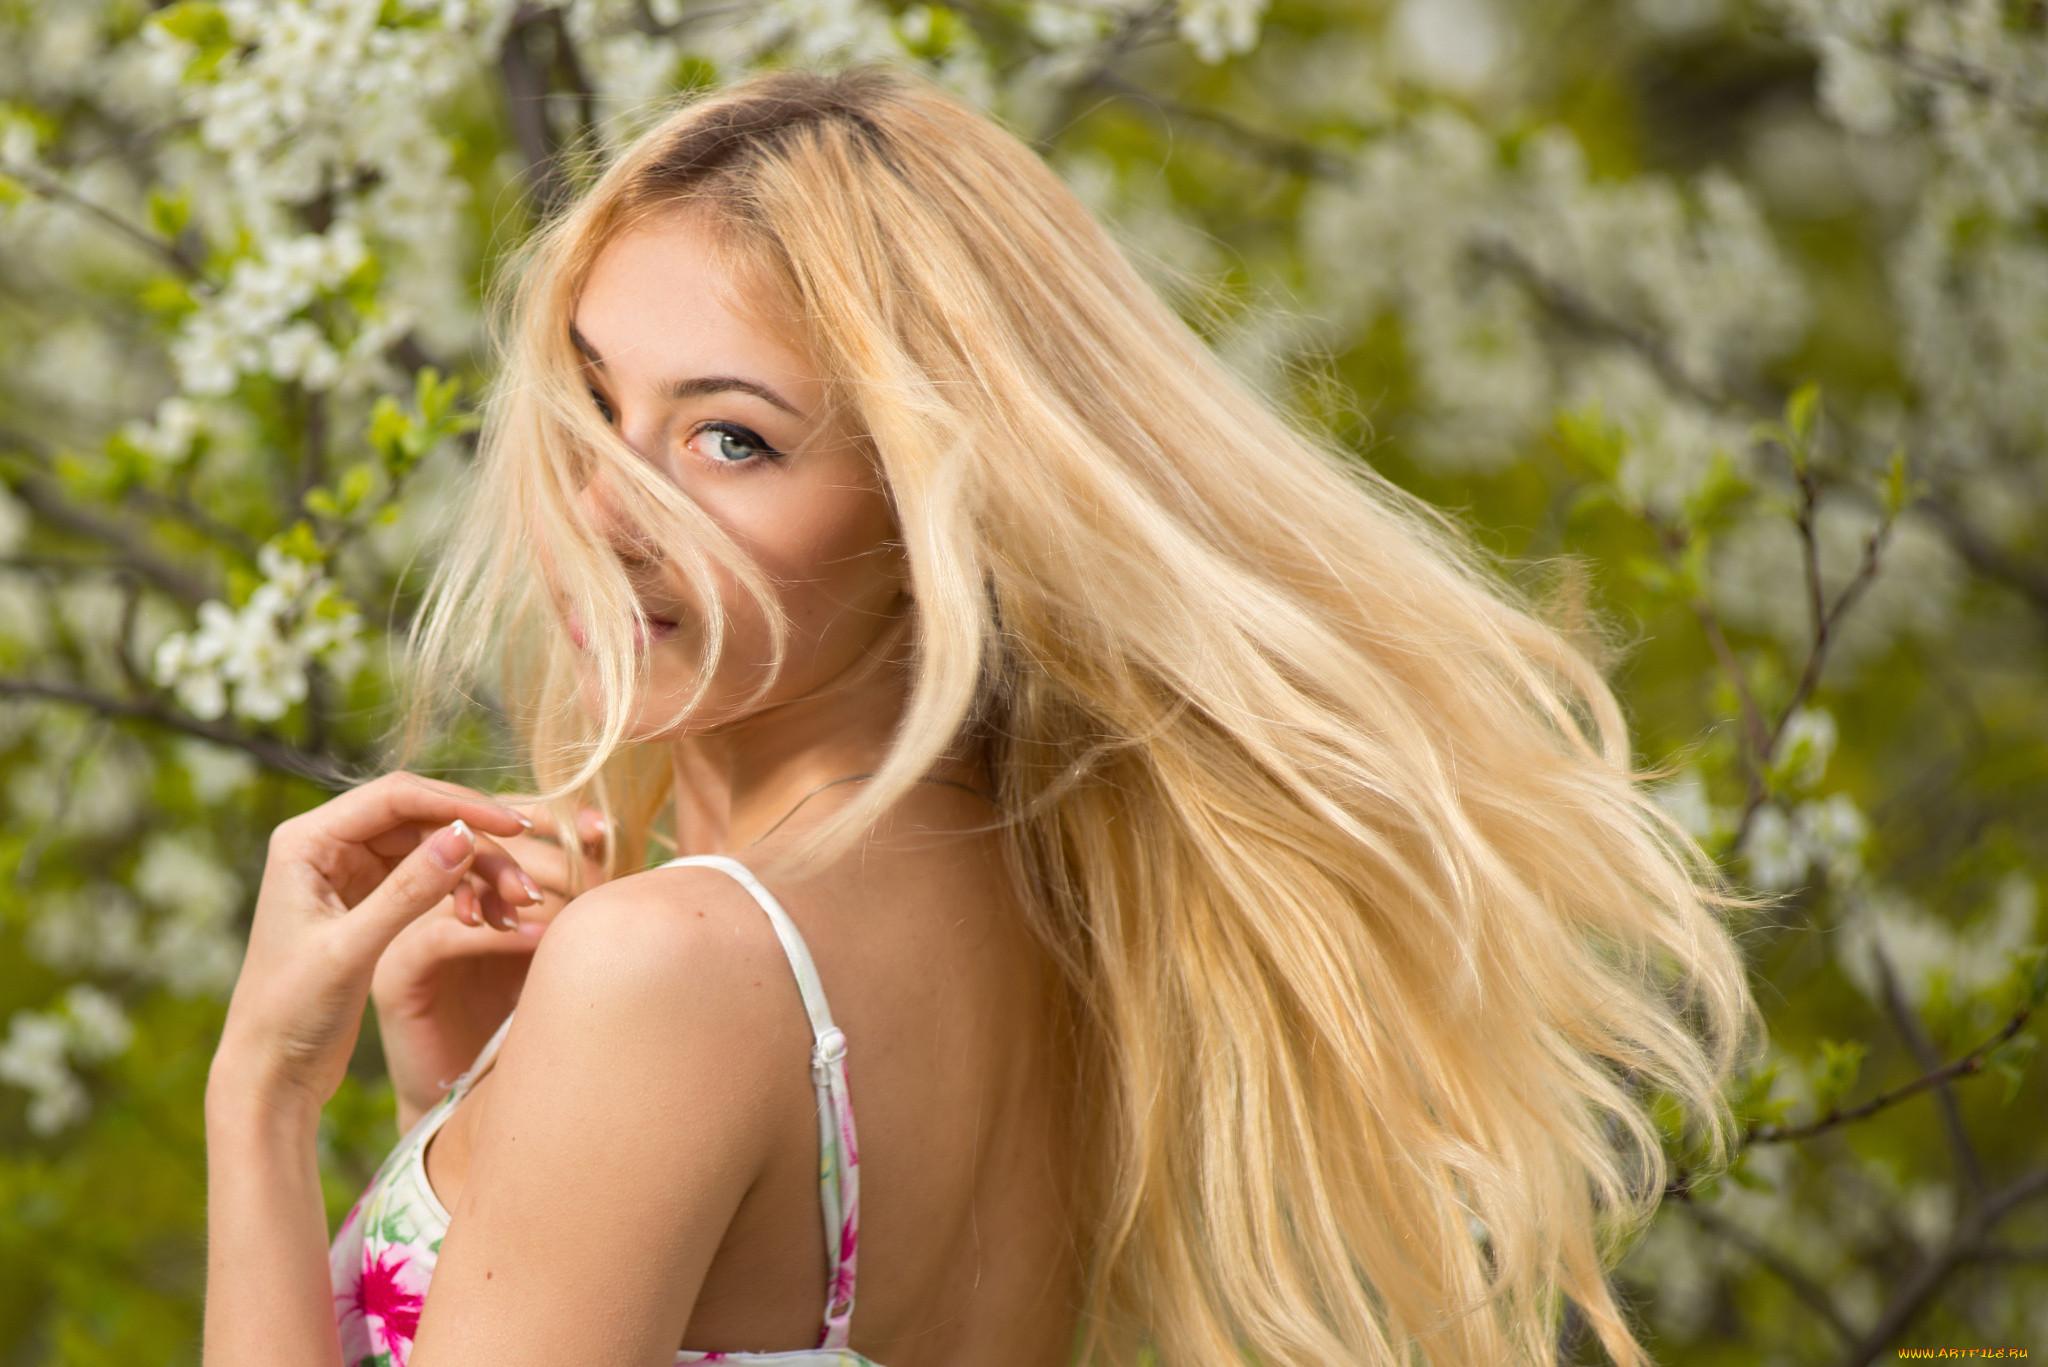 Очень красивые девушки блондинки картинки